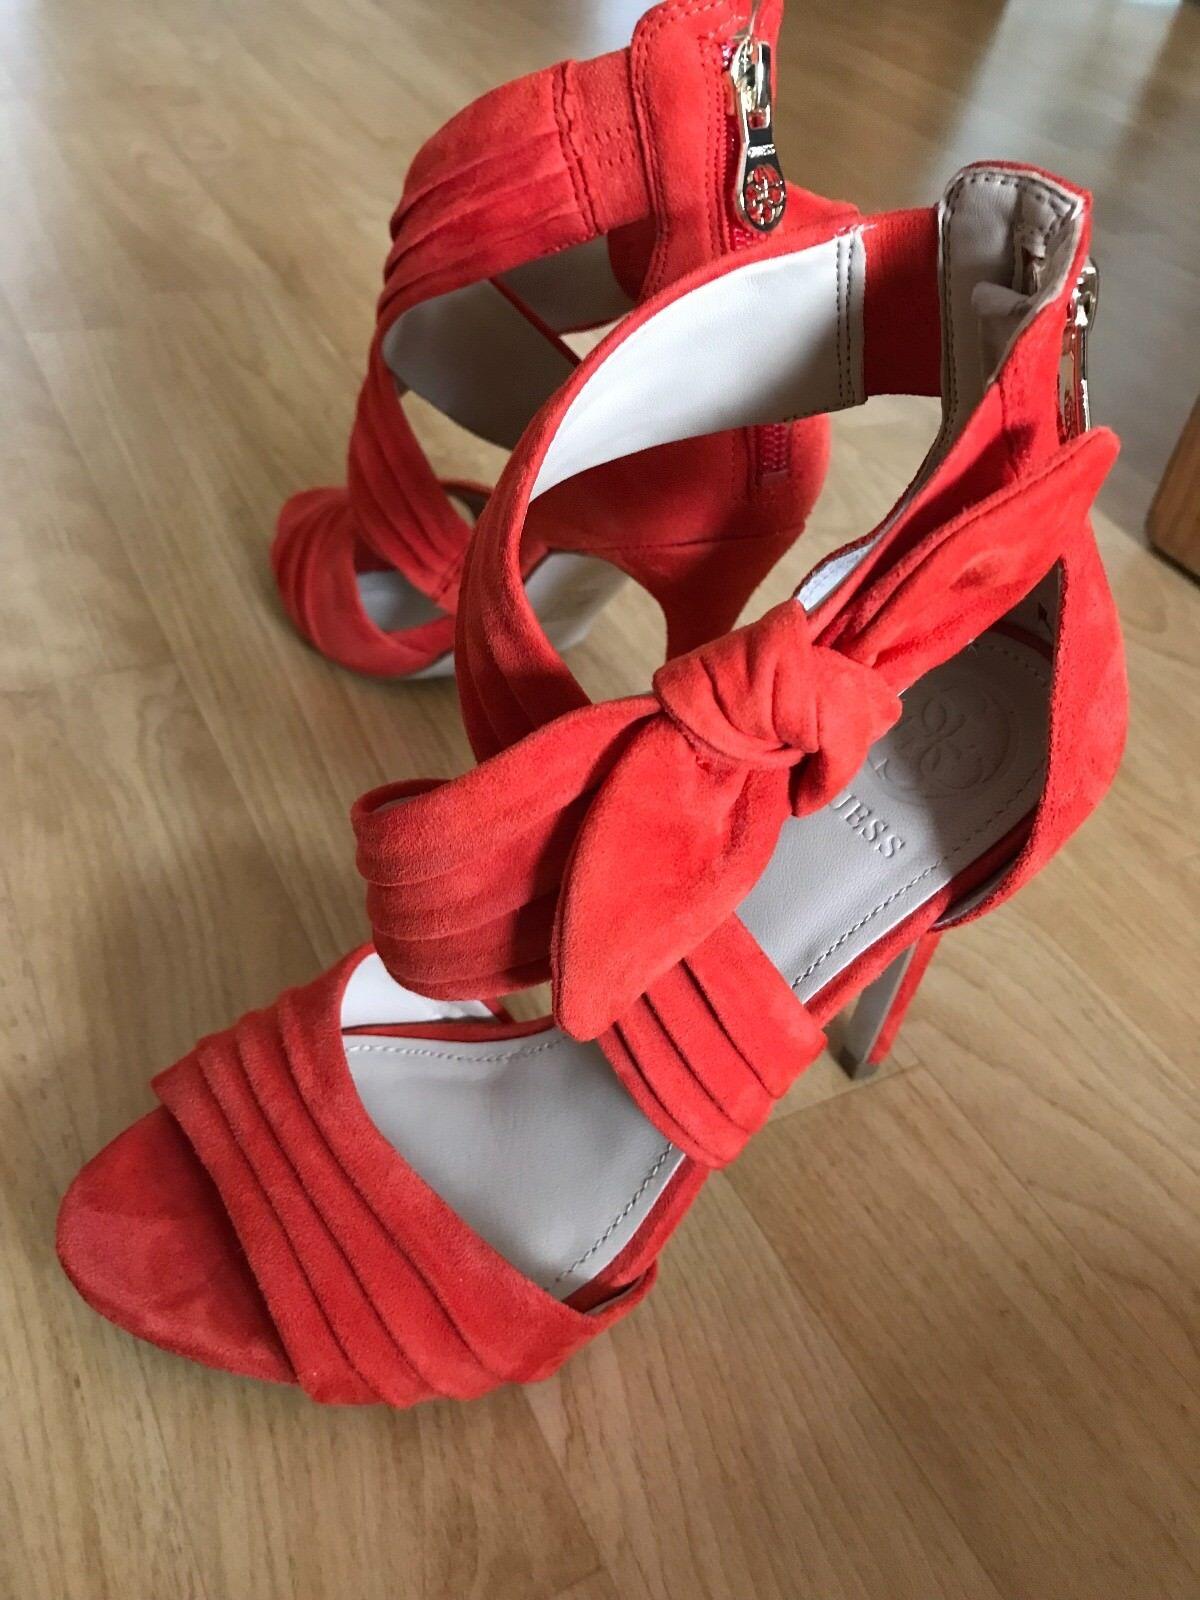 GUESS High Heels Pumps Sandalen, Größe: 36 Echt Leder, Rot, Modell 20